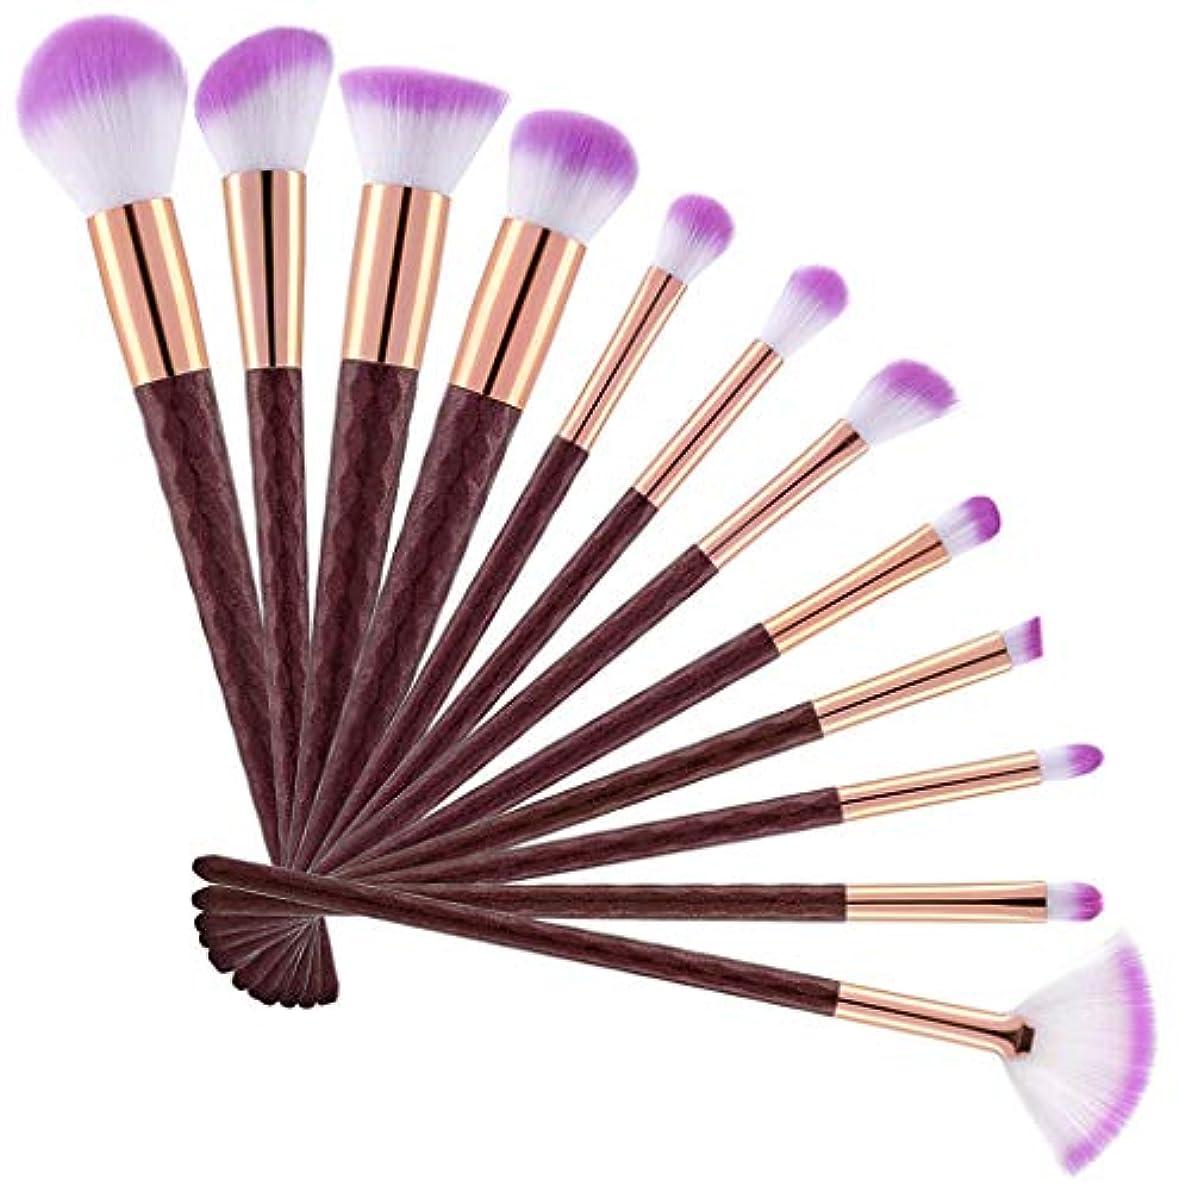 シダブロックコンプリート12化粧ブラシマーメイド化粧ブラシ蛍光ハンドル化粧ブラシダイヤモンドブラシ美容化粧道具,Pink